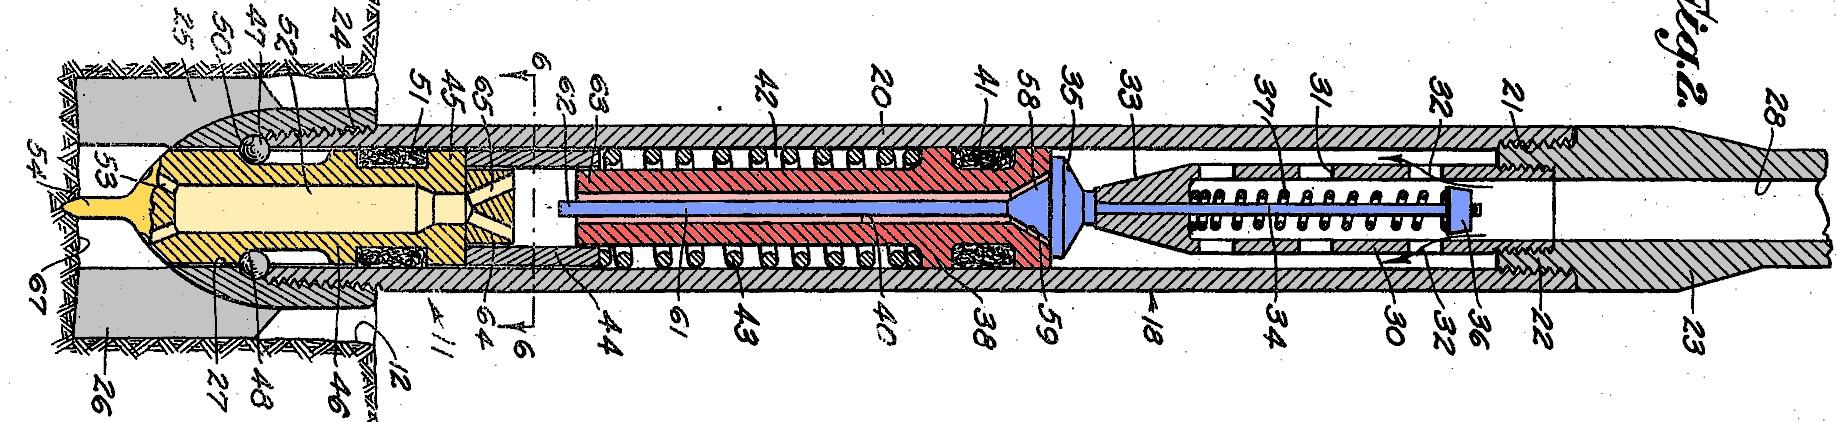 Hydraulic Ram Hammer of John a. Zublin